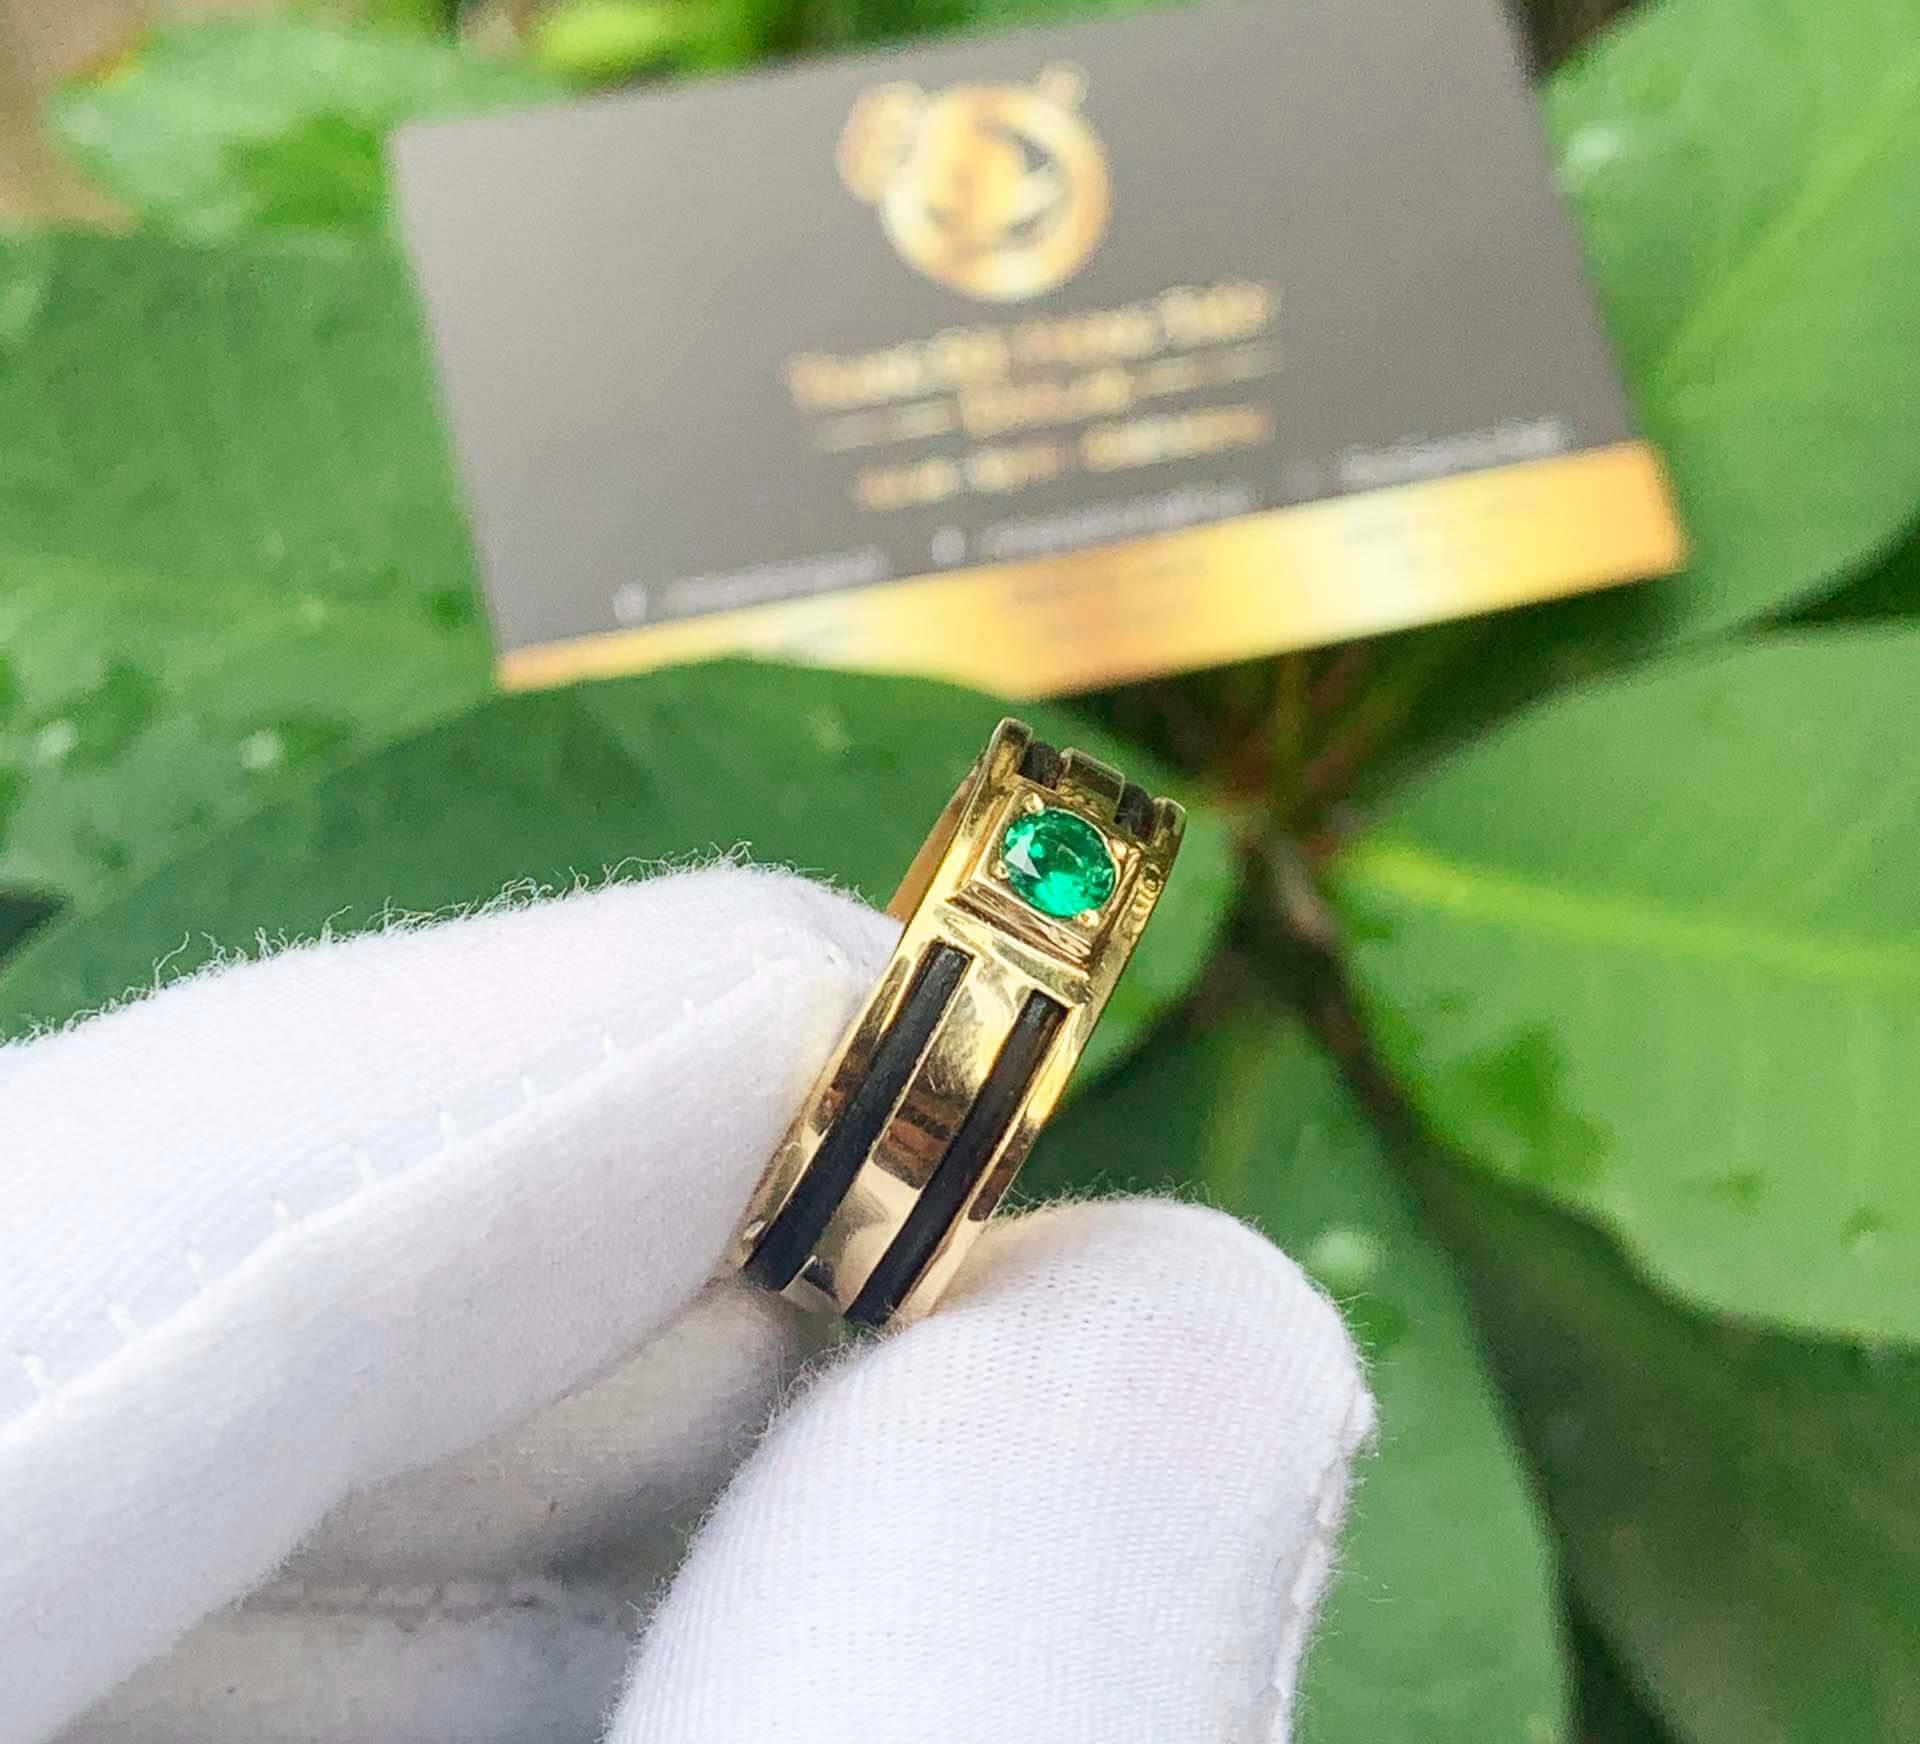 Nhẫn lông voi 2 sợi làm tay đính Cz xanh lá tròn chậu vuông thiết kế đơn giản